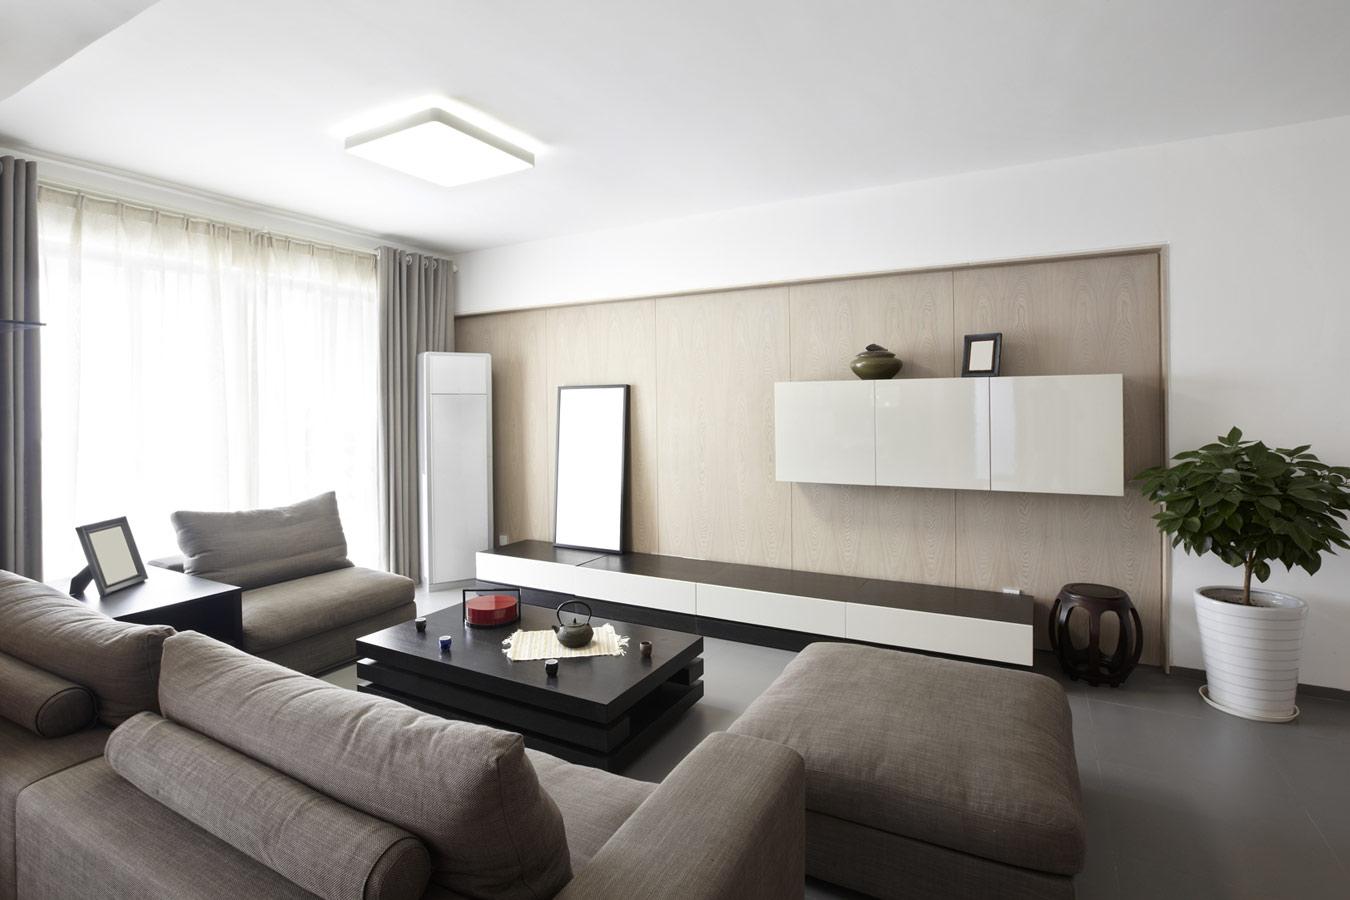 De complete woonkamer opnieuw inrichten drie tips voor de